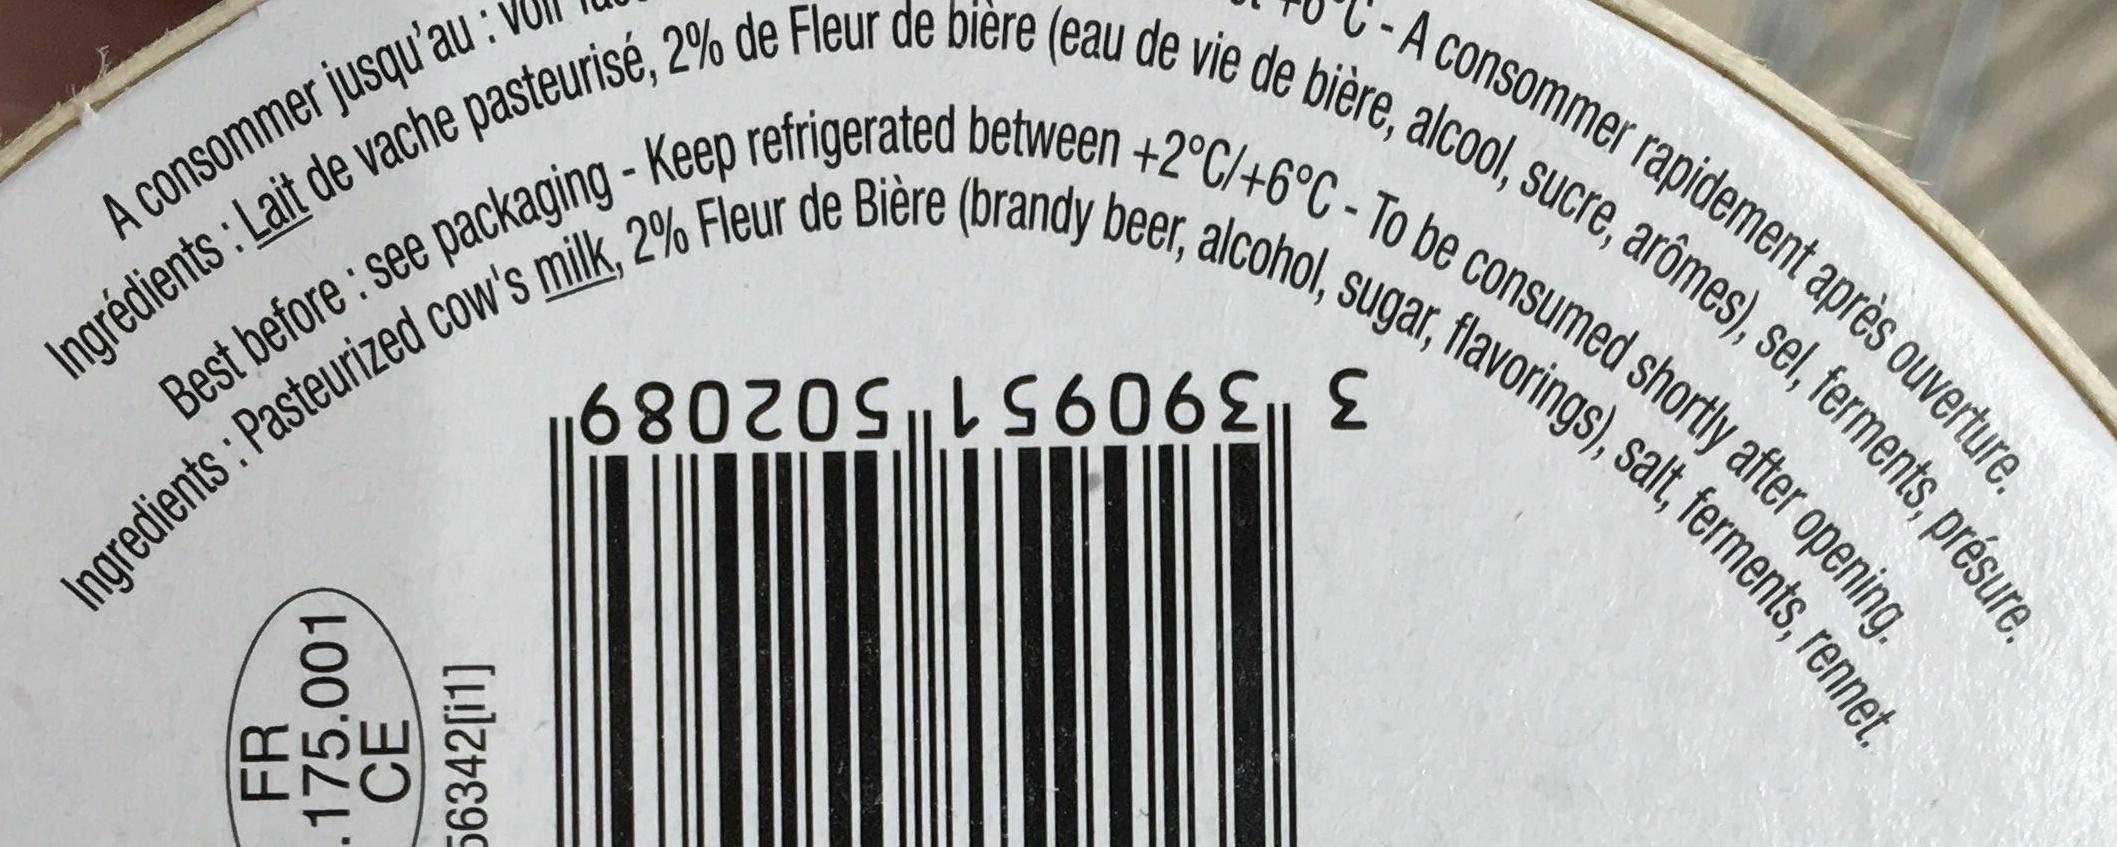 Fromage à la fleur de Bière (28% MG) - Ingredients